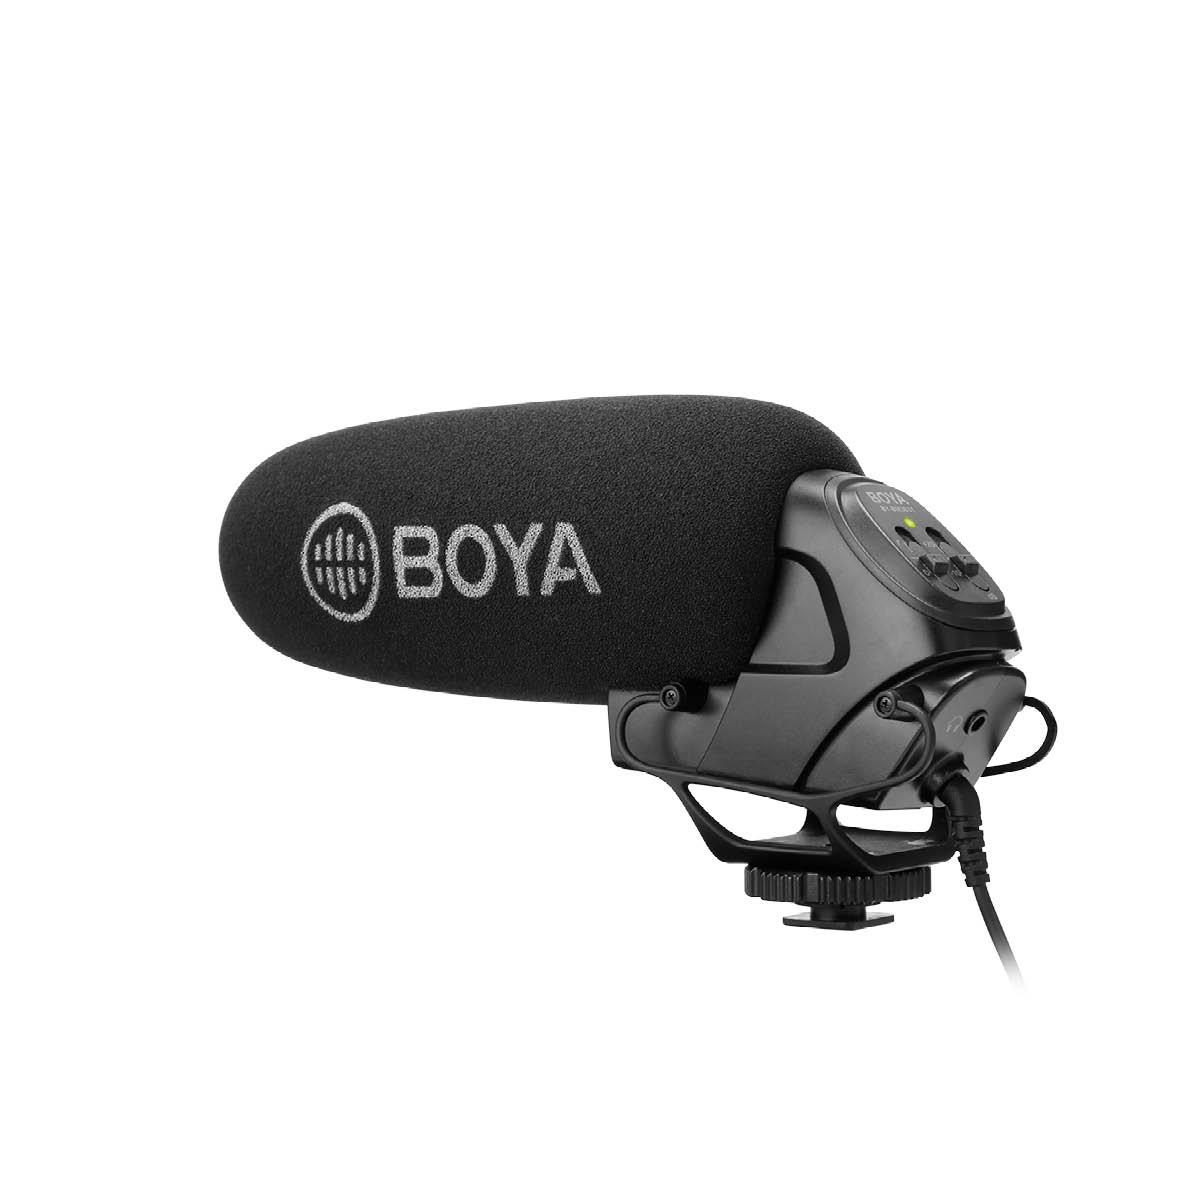 Boya BY-BM3031 Mikrofon Broadcast Qualität